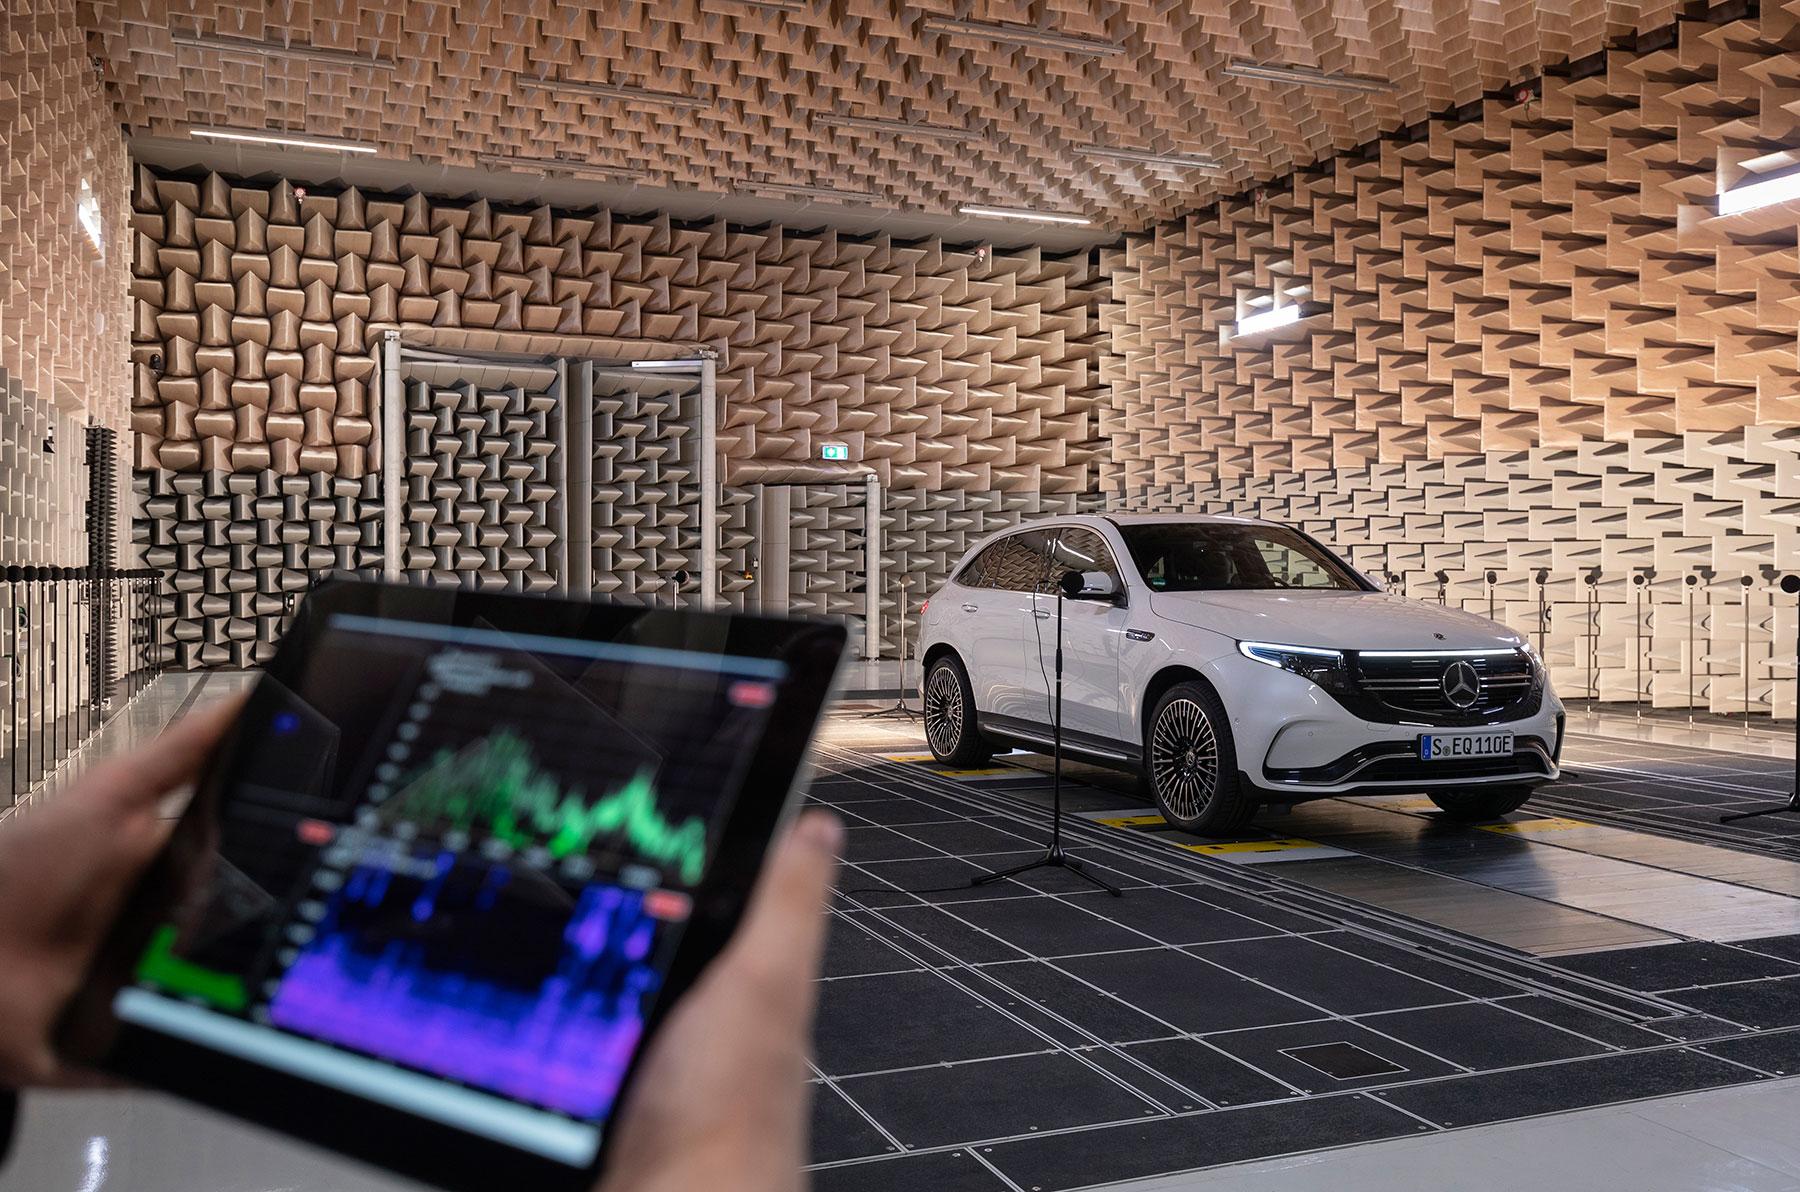 Warngeräusche bei Elektrofahrzeugen. Die Rückkehr des Lärms?